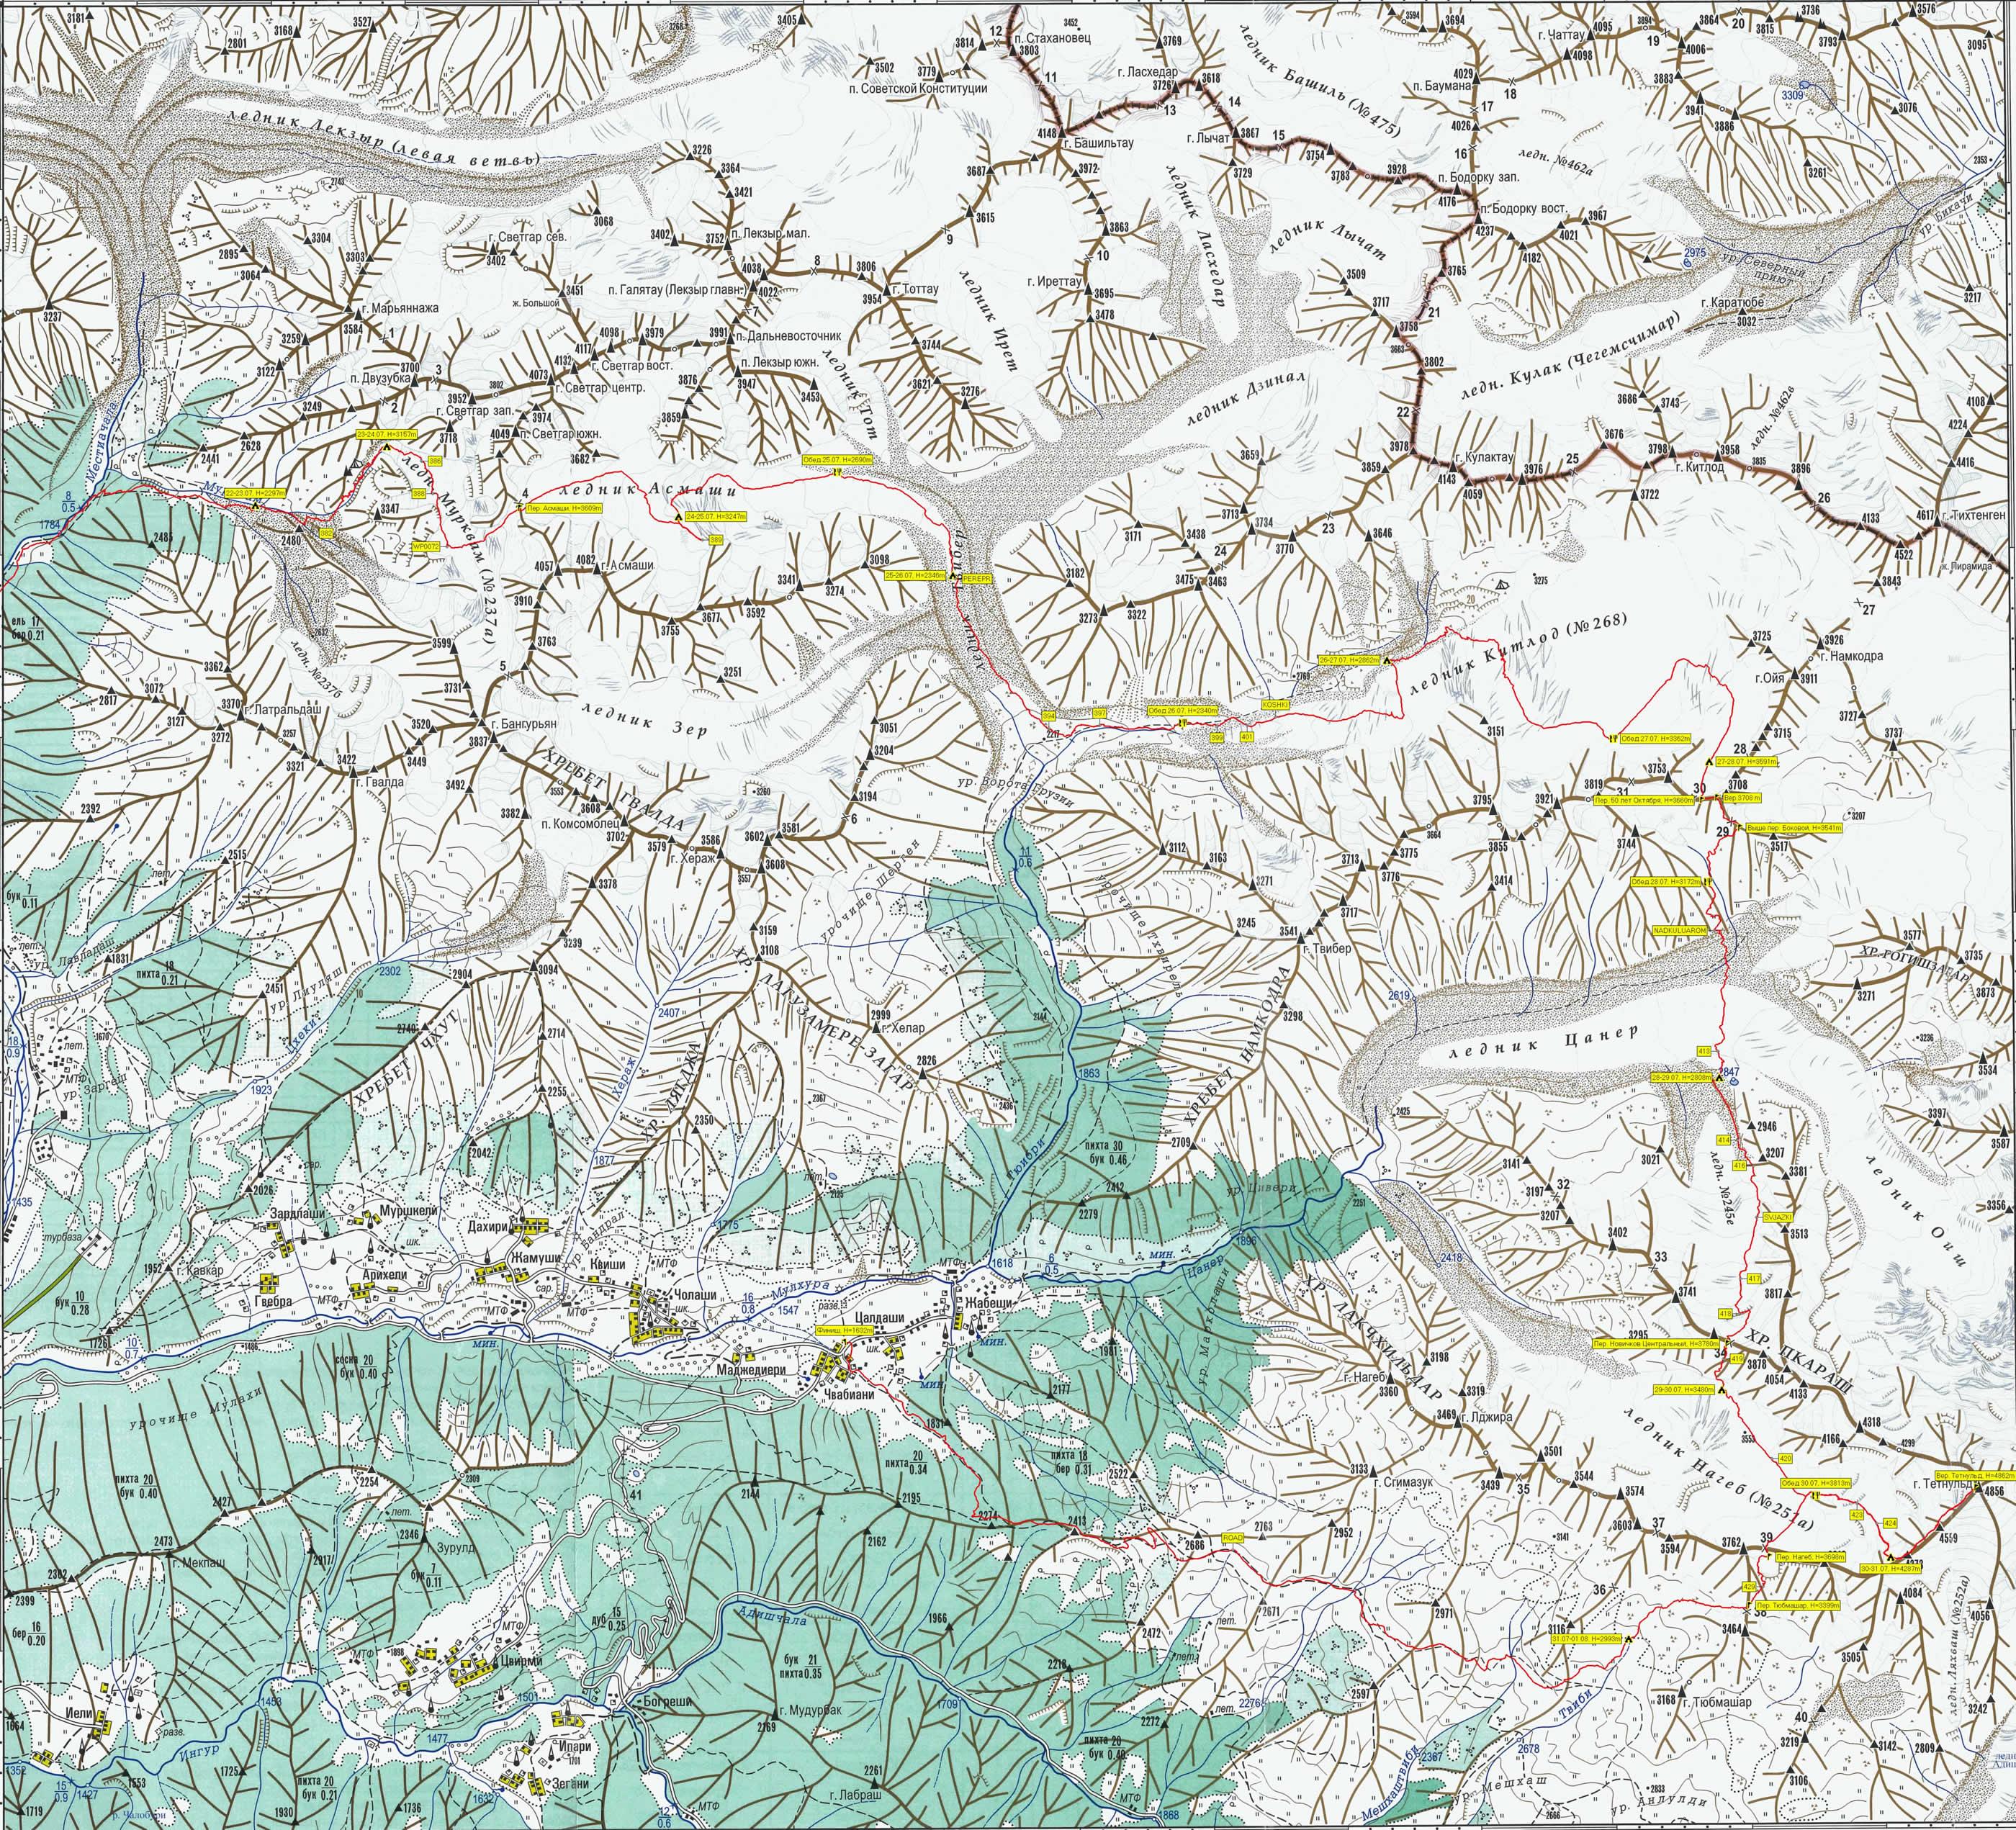 Фрагмент листа туристской схемы В. Ляпина K-38-26-г (1:50 000)